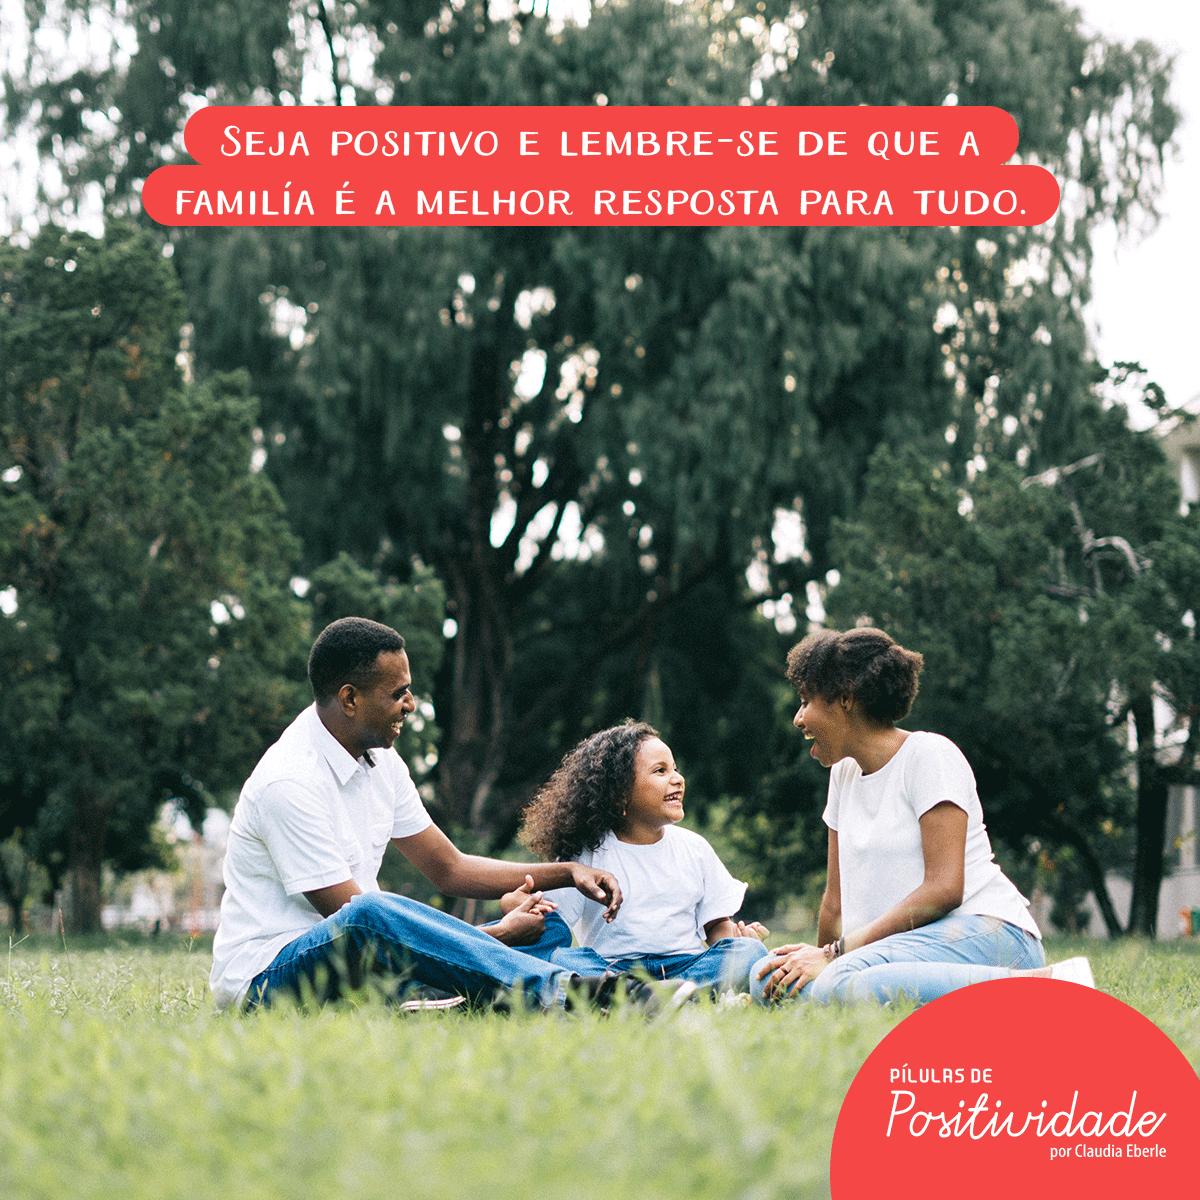 Seja positivo e lembre-se de que a família é a melhor resposta para tudo